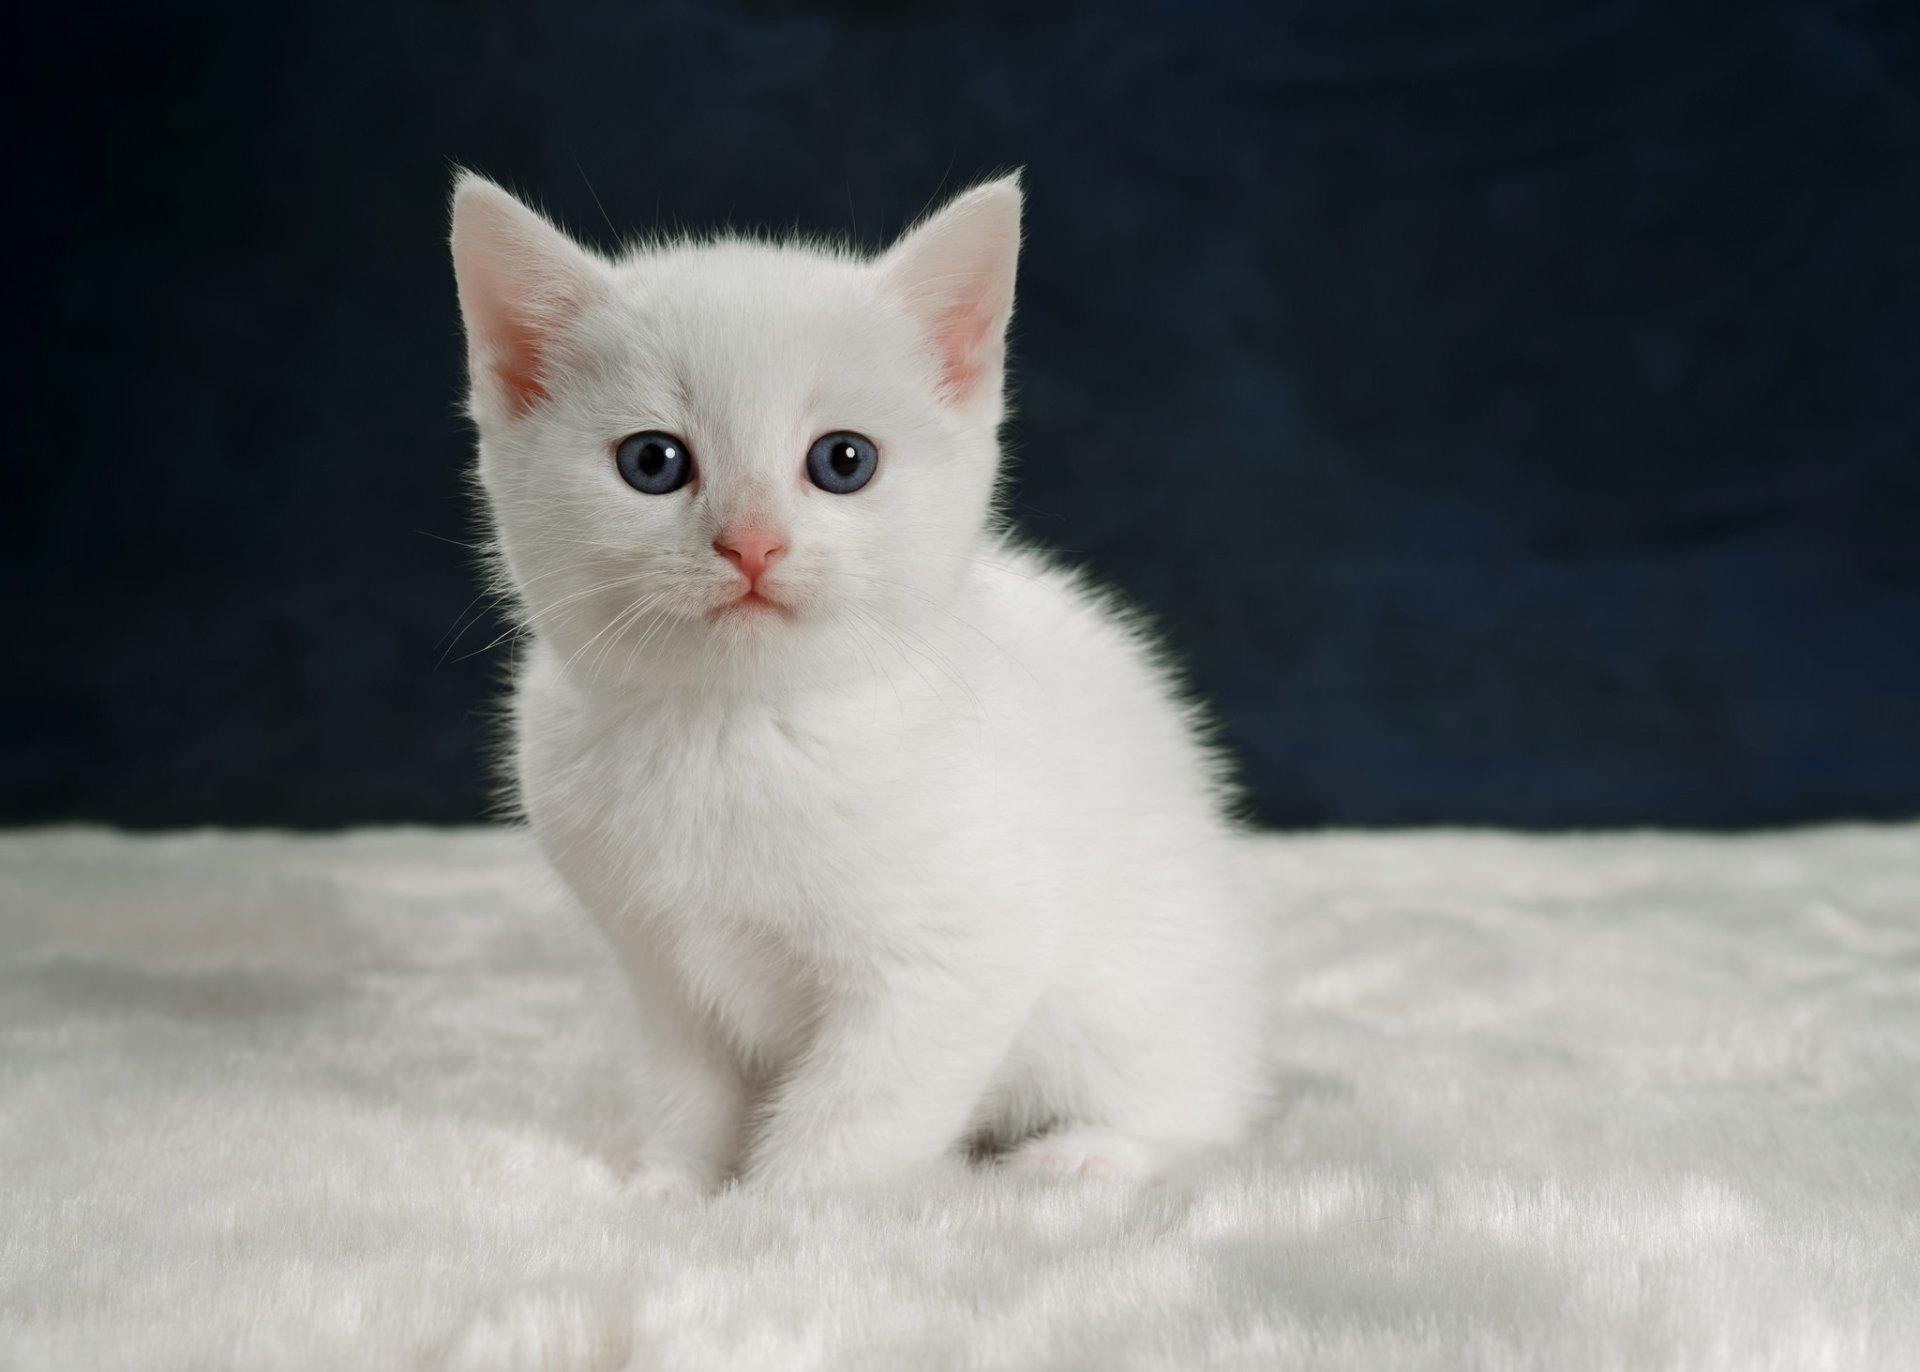 Animal - Cat  Pet Baby Animal Kitten Wallpaper